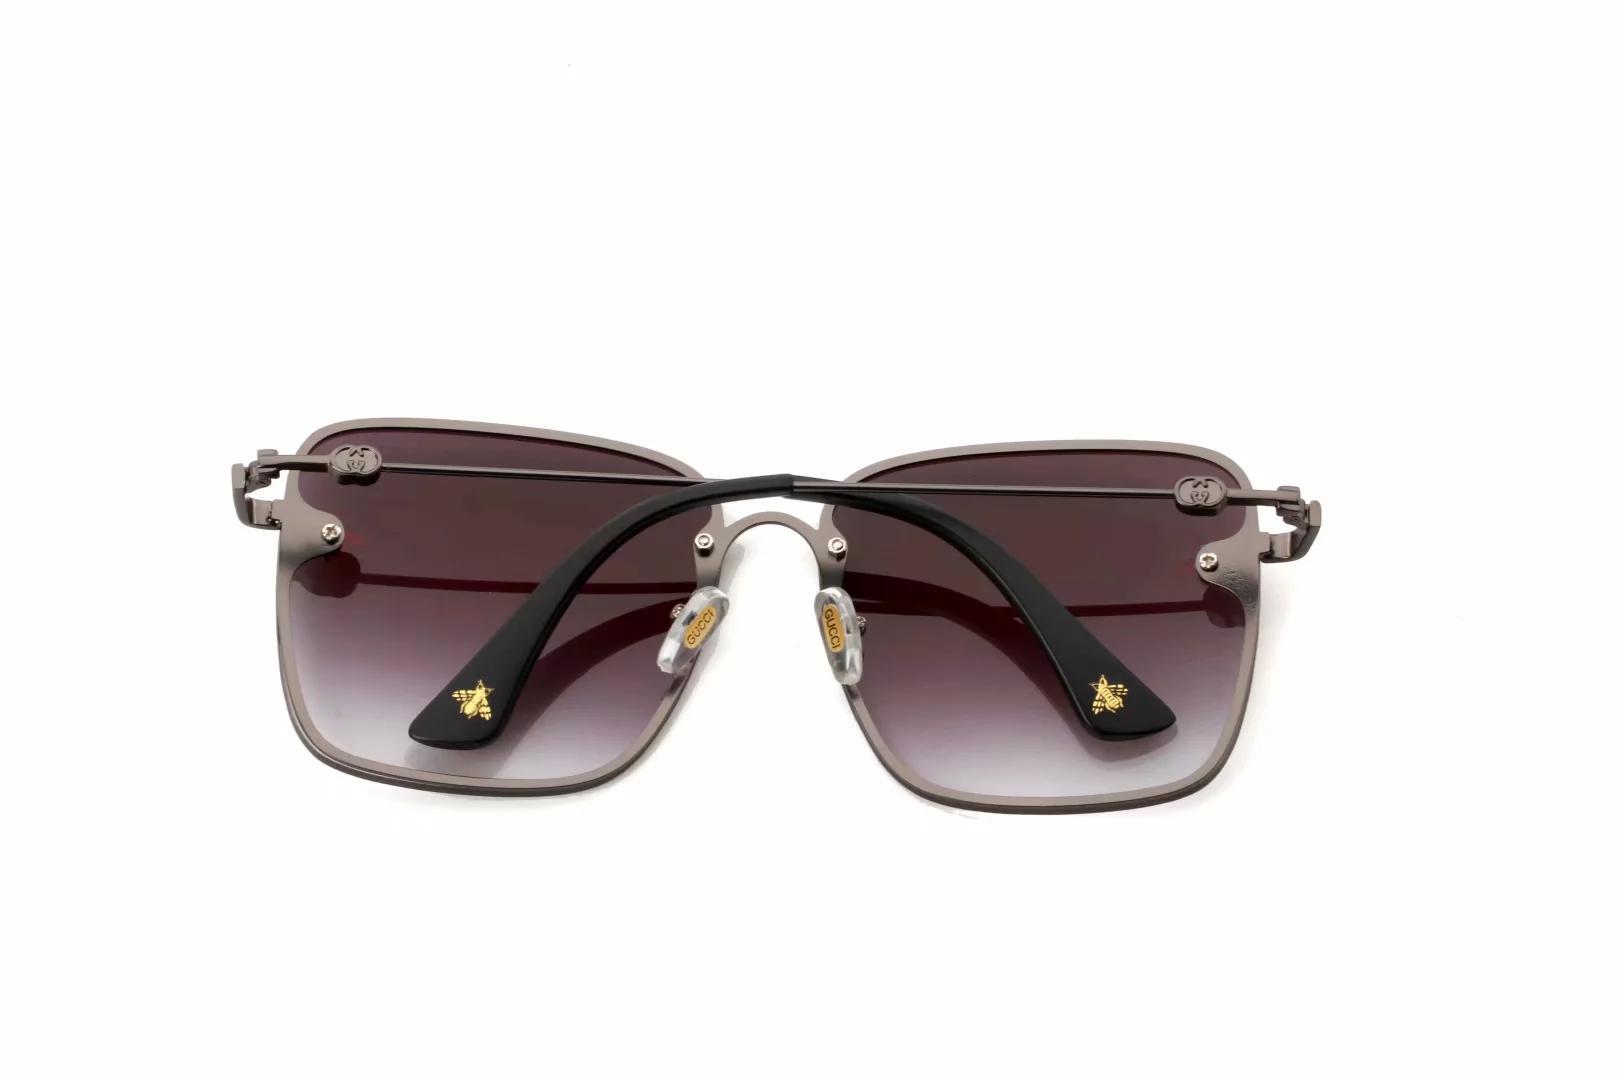 Оптово цвет Солнцезащитные очки с коробкой Солнцезащитные очки бренды Женщины площади Солнцезащитные очки New 2019 Дизайнерские аксессуары оптом